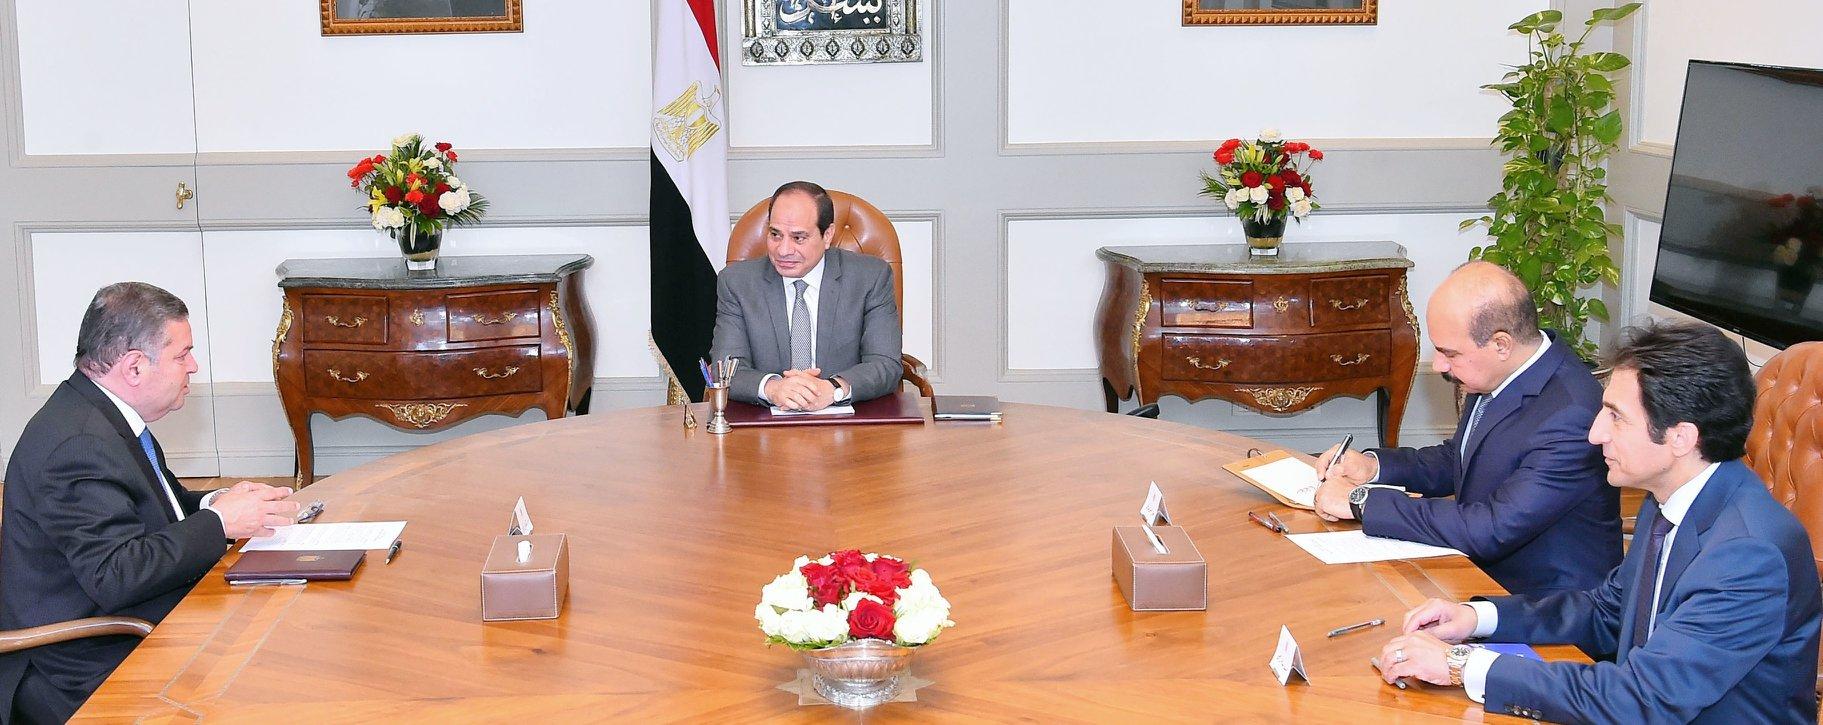 الرئيس السيسي يوجه بمواصلة تنفيذ الإصلاحات الشاملة لقطاع الأعمال العام